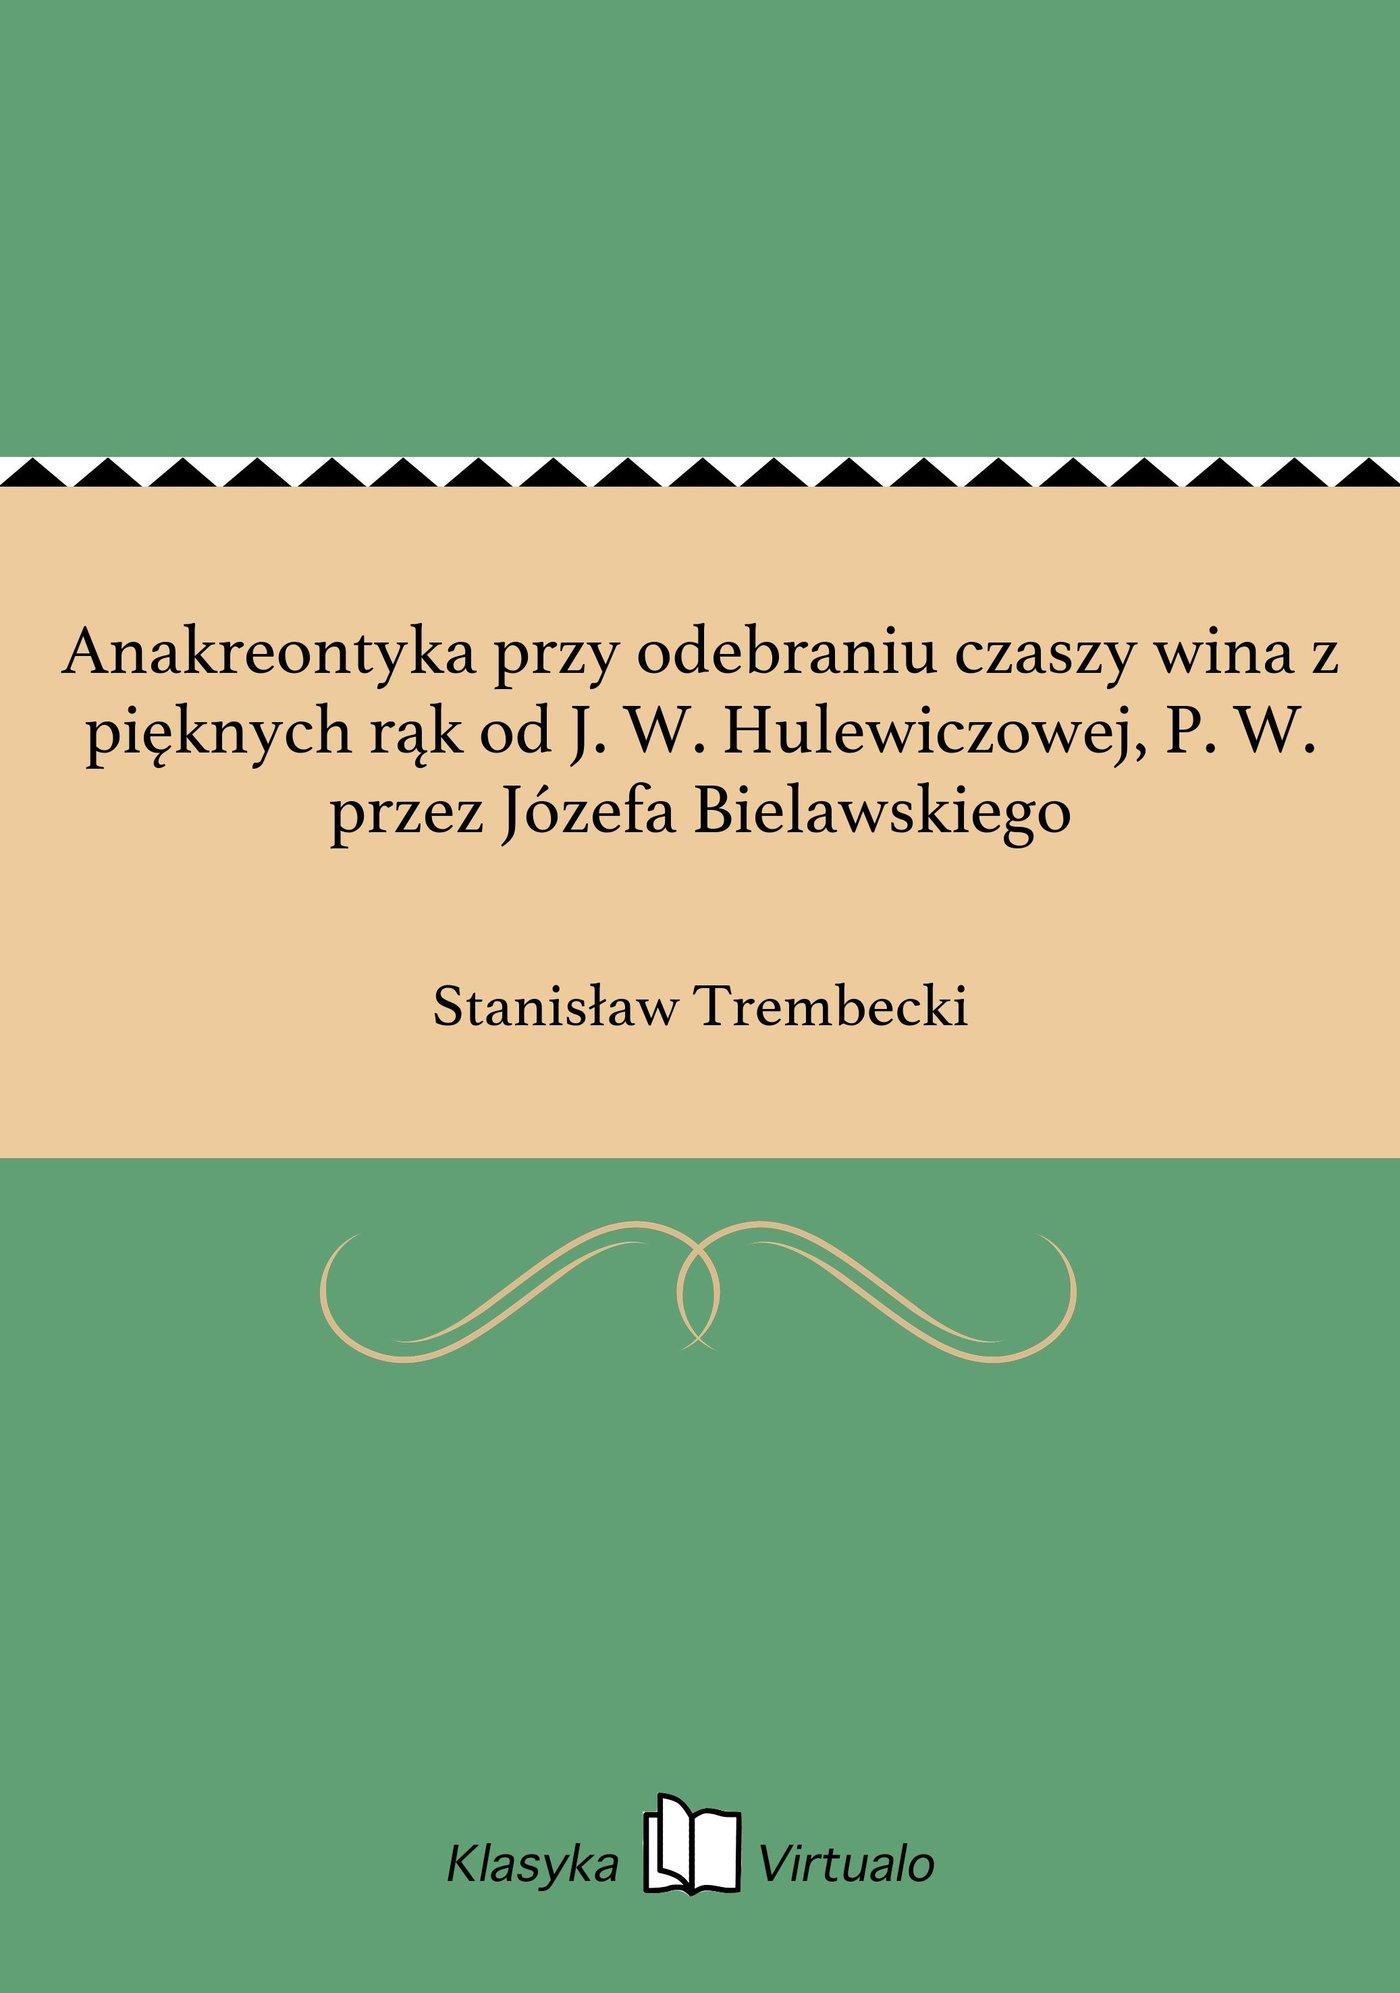 Anakreontyka przy odebraniu czaszy wina z pięknych rąk od J. W. Hulewiczowej, P. W. przez Józefa Bielawskiego - Ebook (Książka EPUB) do pobrania w formacie EPUB